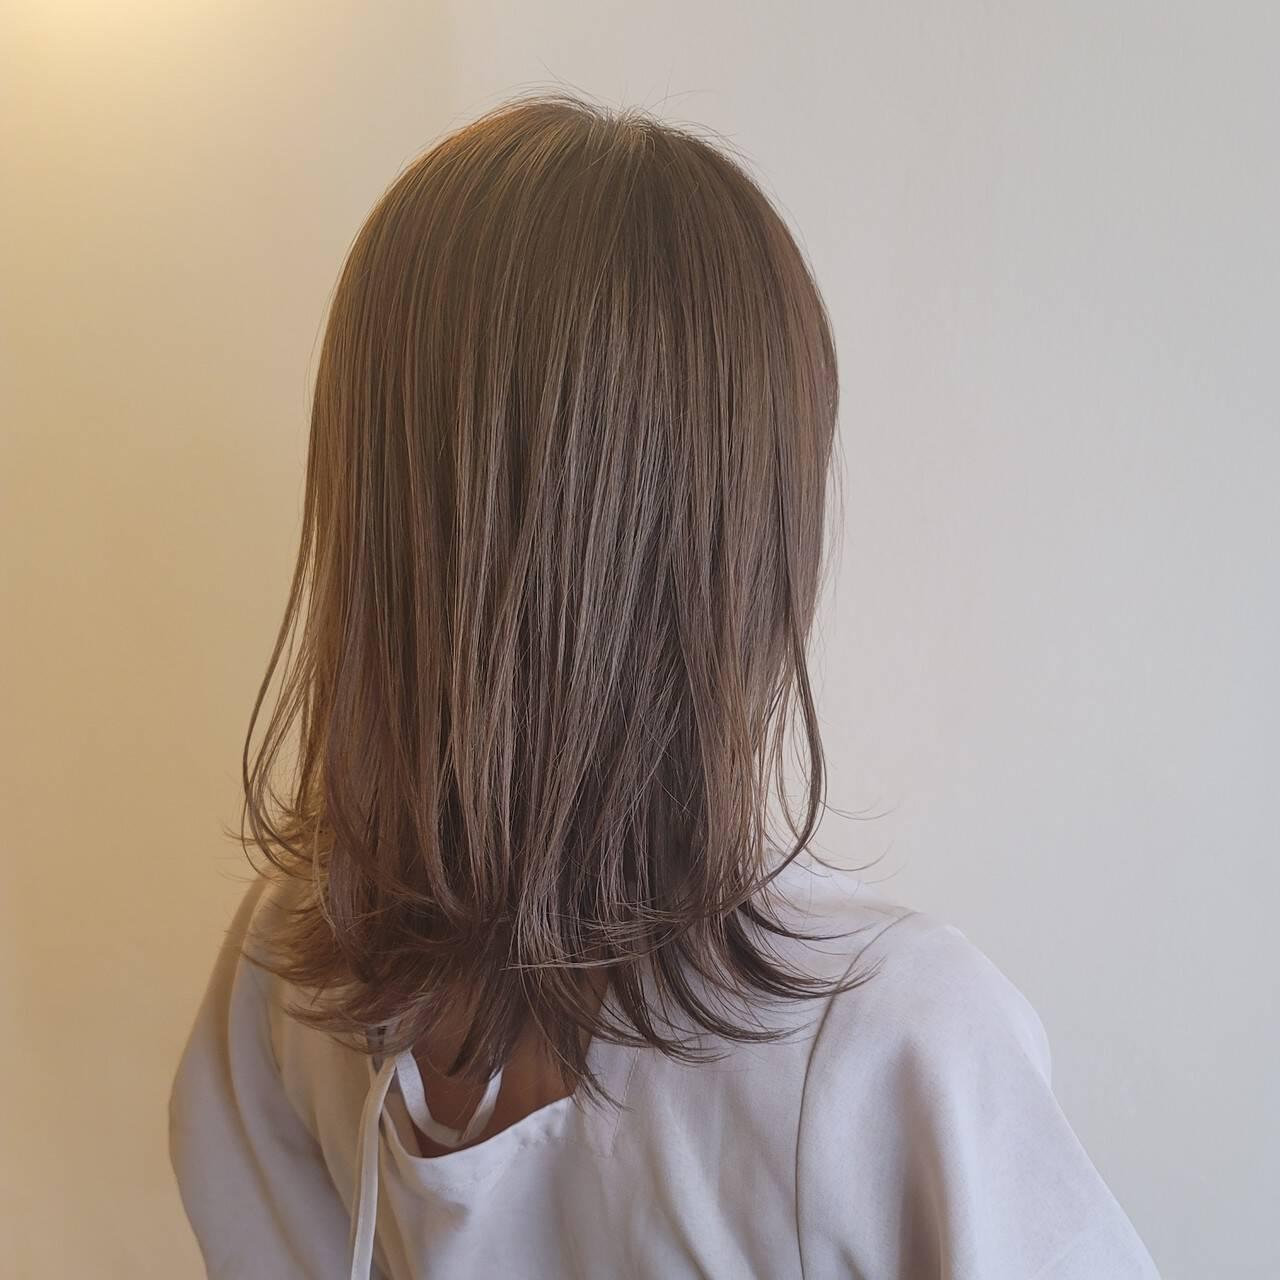 ハイライト ナチュラル アンニュイほつれヘア レイヤーカットヘアスタイルや髪型の写真・画像